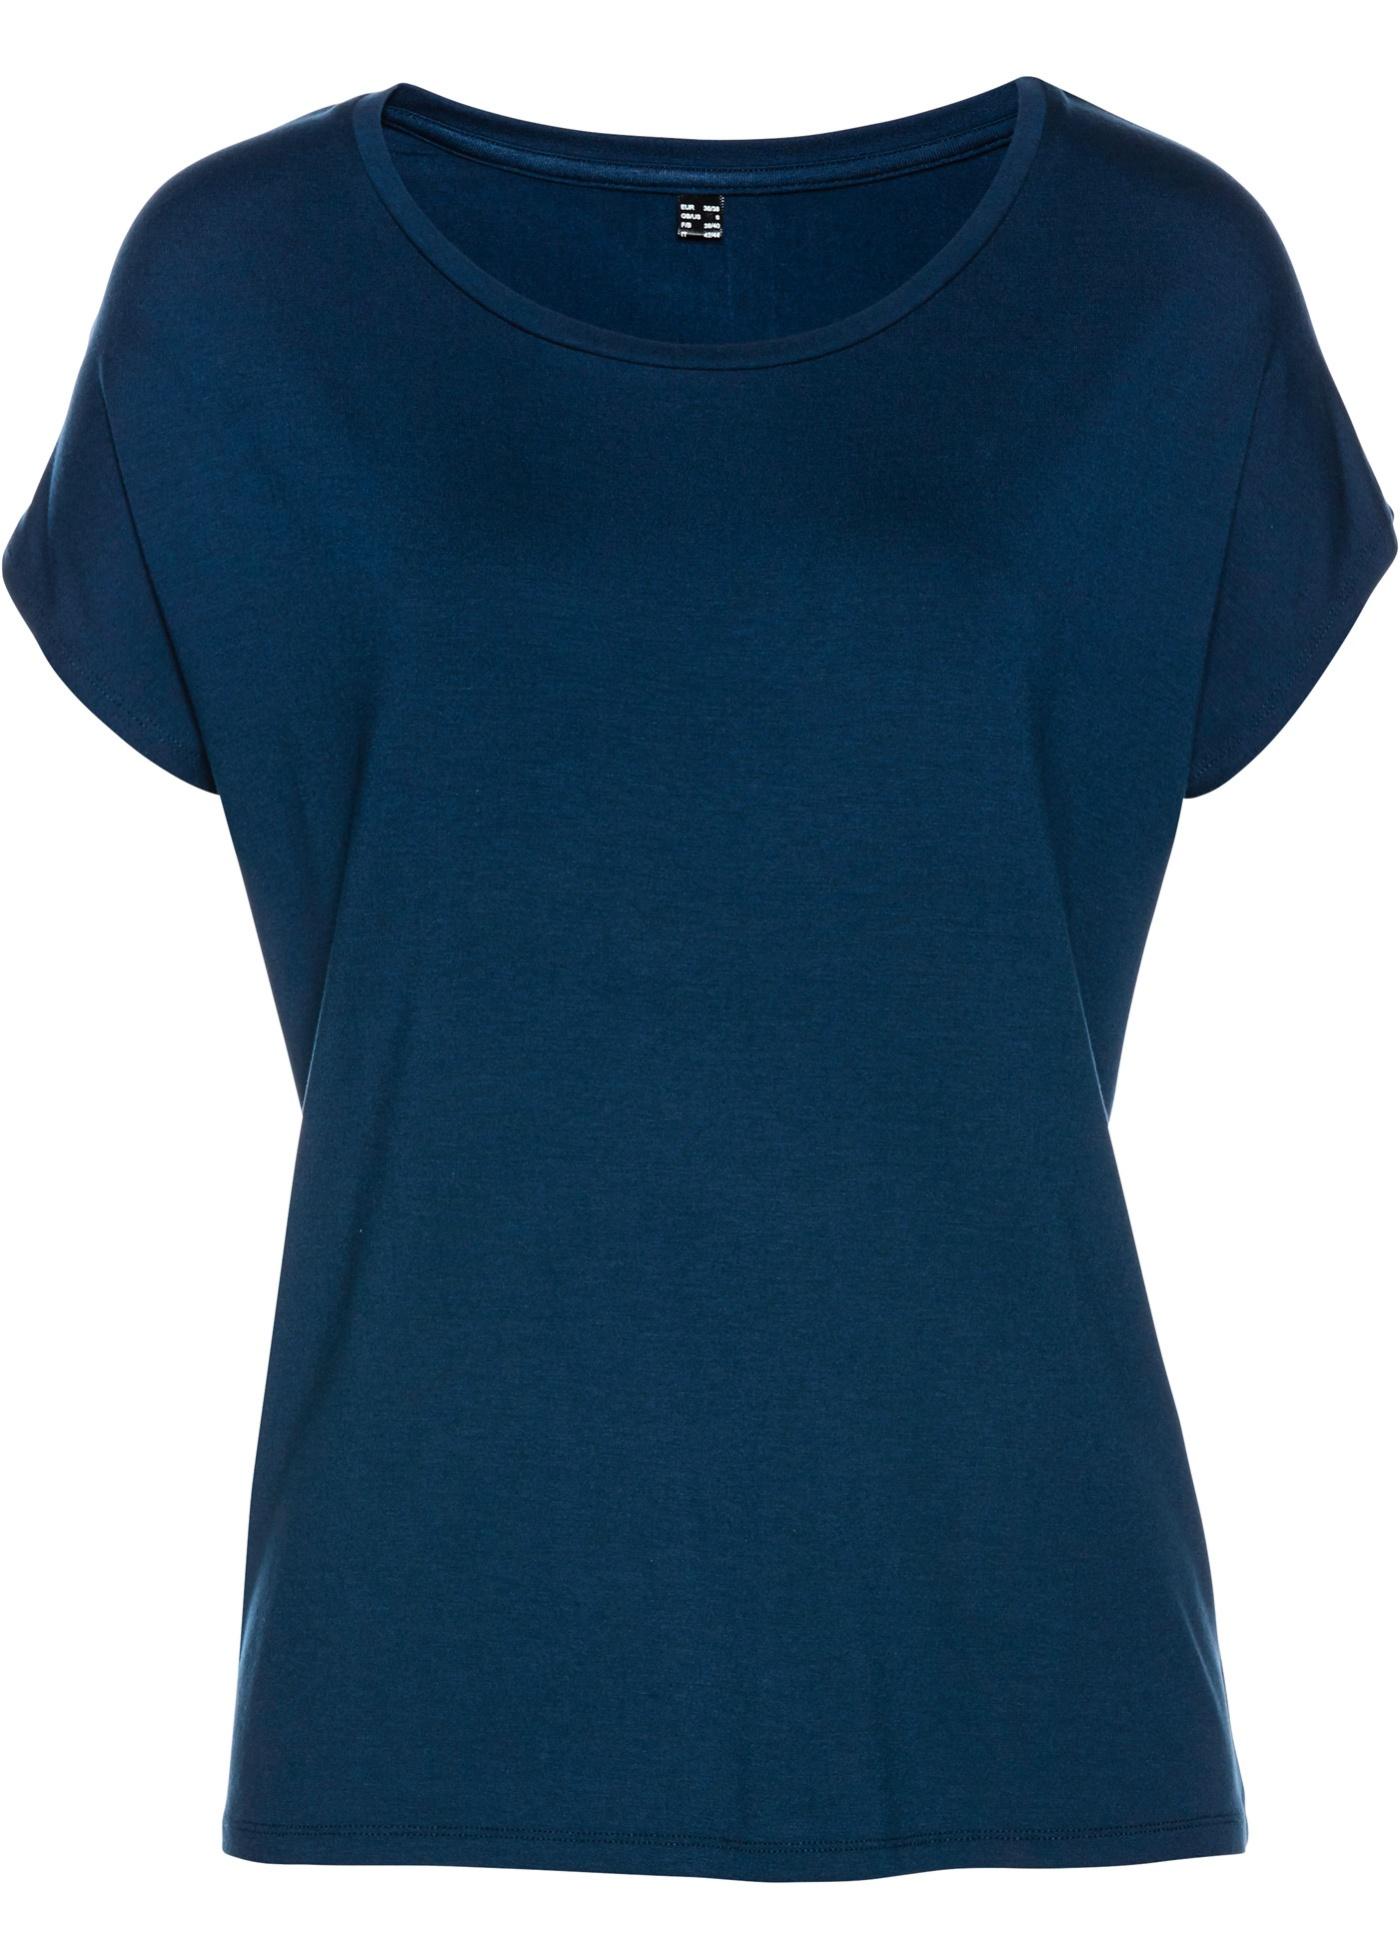 afea00b74a36 Tričko s potiskem - Modrá